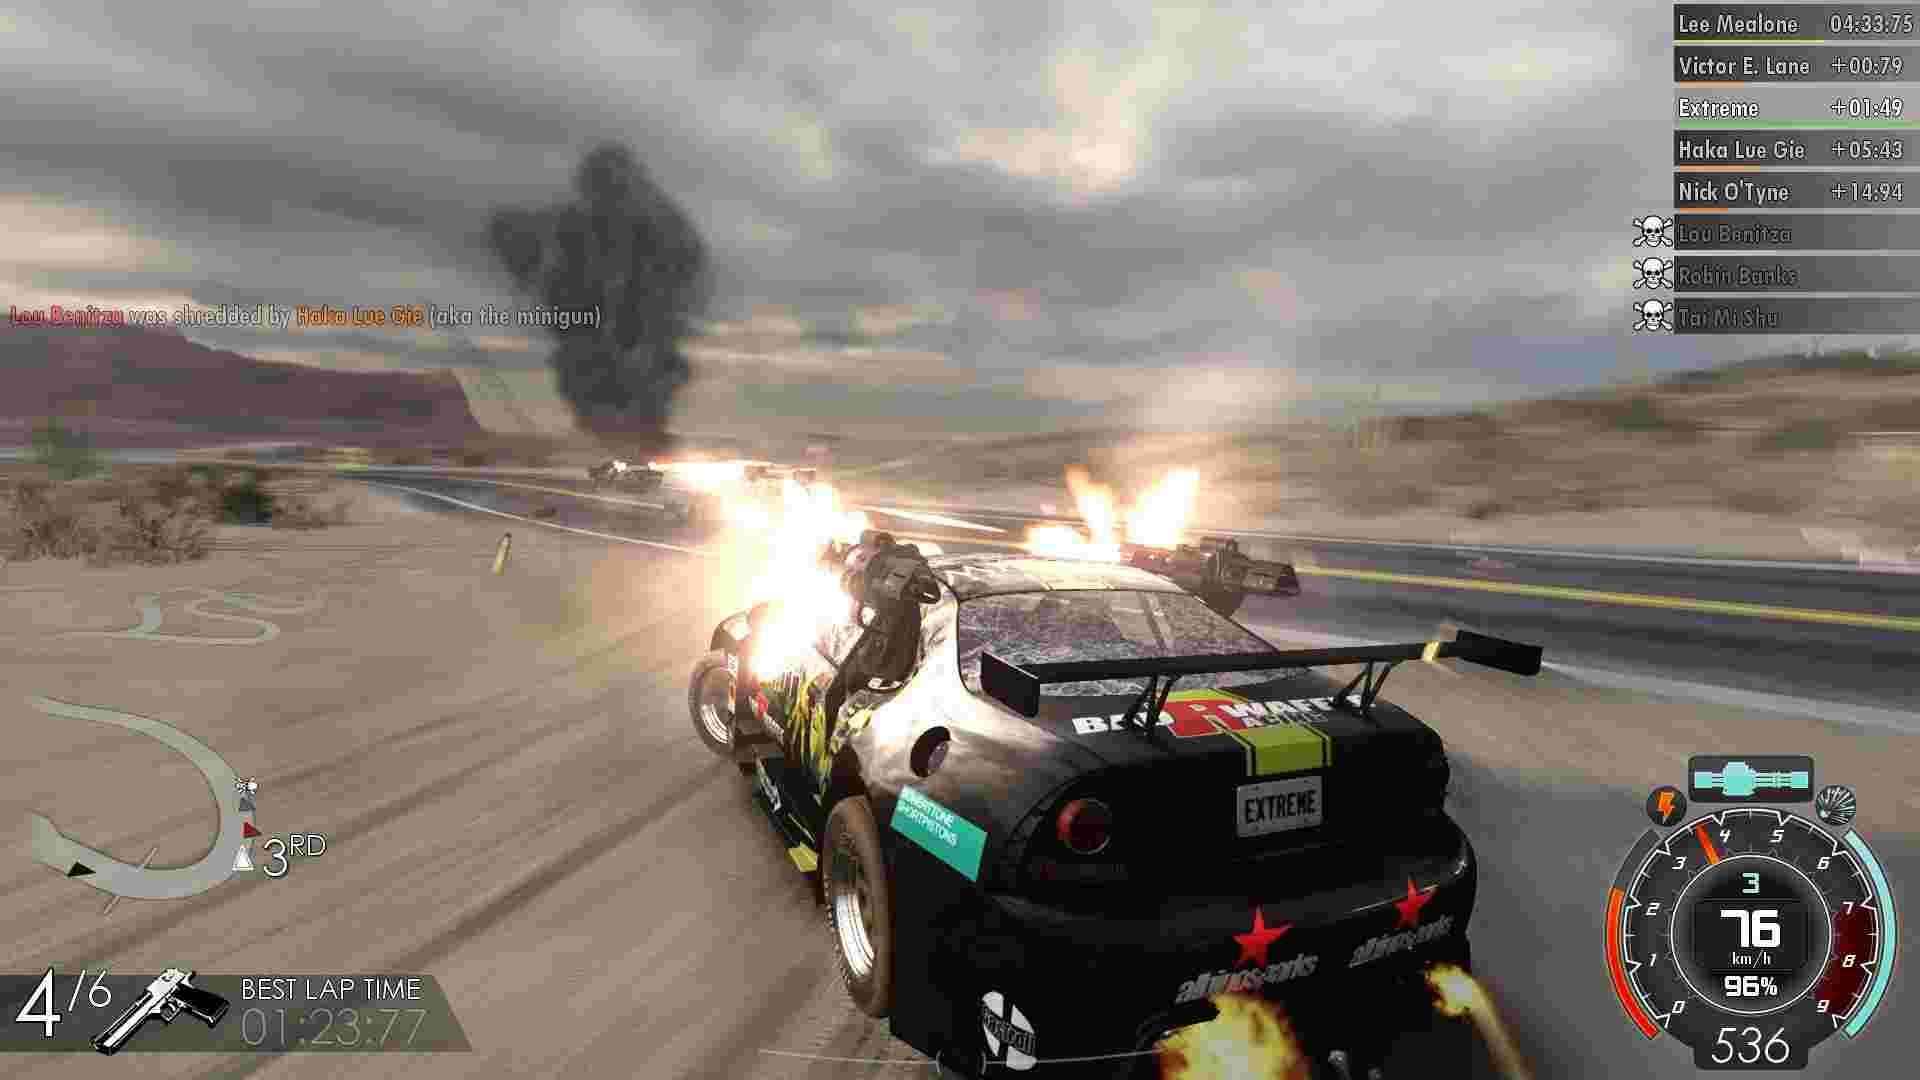 بازی تیفانی بی نهایت دانلود بازی سرعت بی نهایت Gas Guzzlers Extreme - ماشین ...